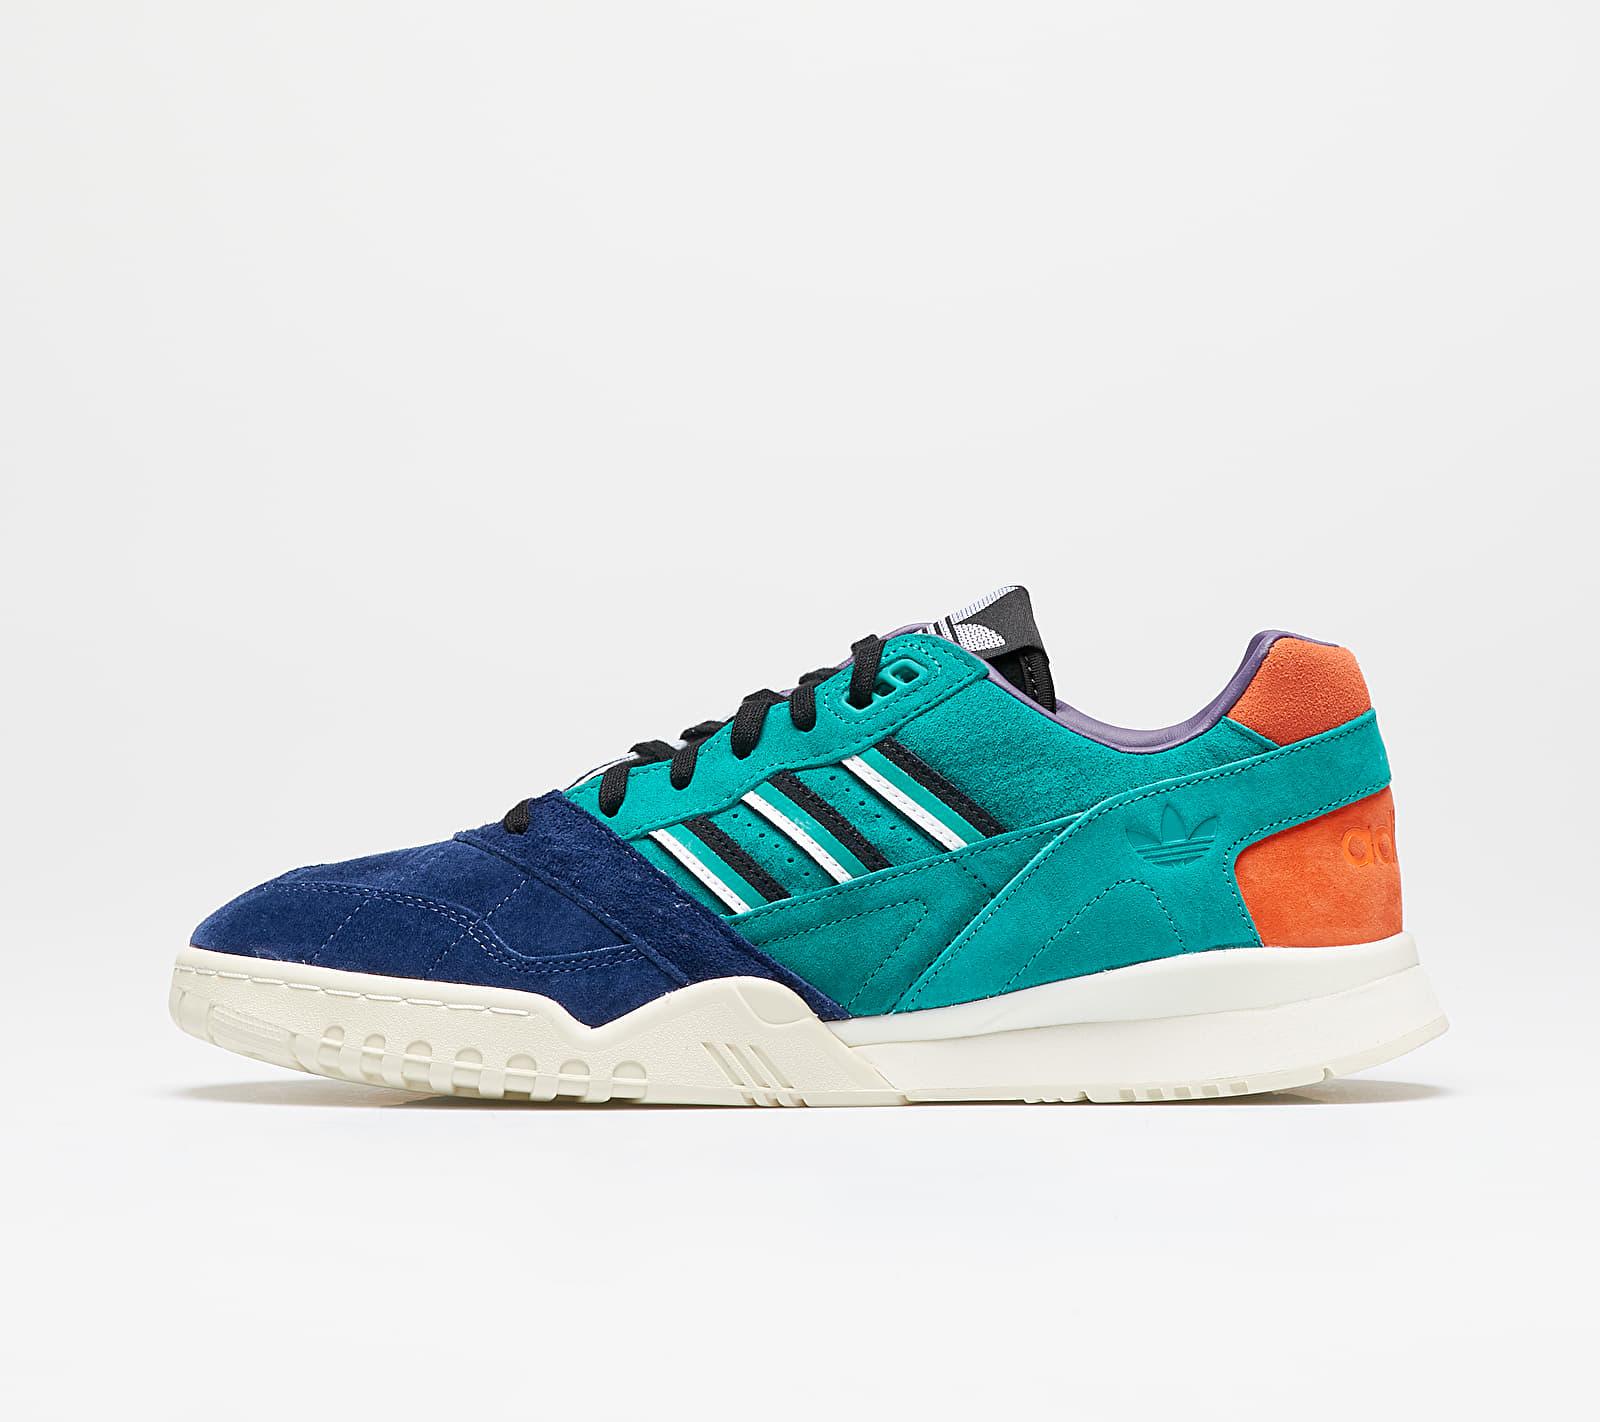 adidas A.R. Trainer Glow Green/ Tech Indigo/ Solar Orange EUR 42 2/3